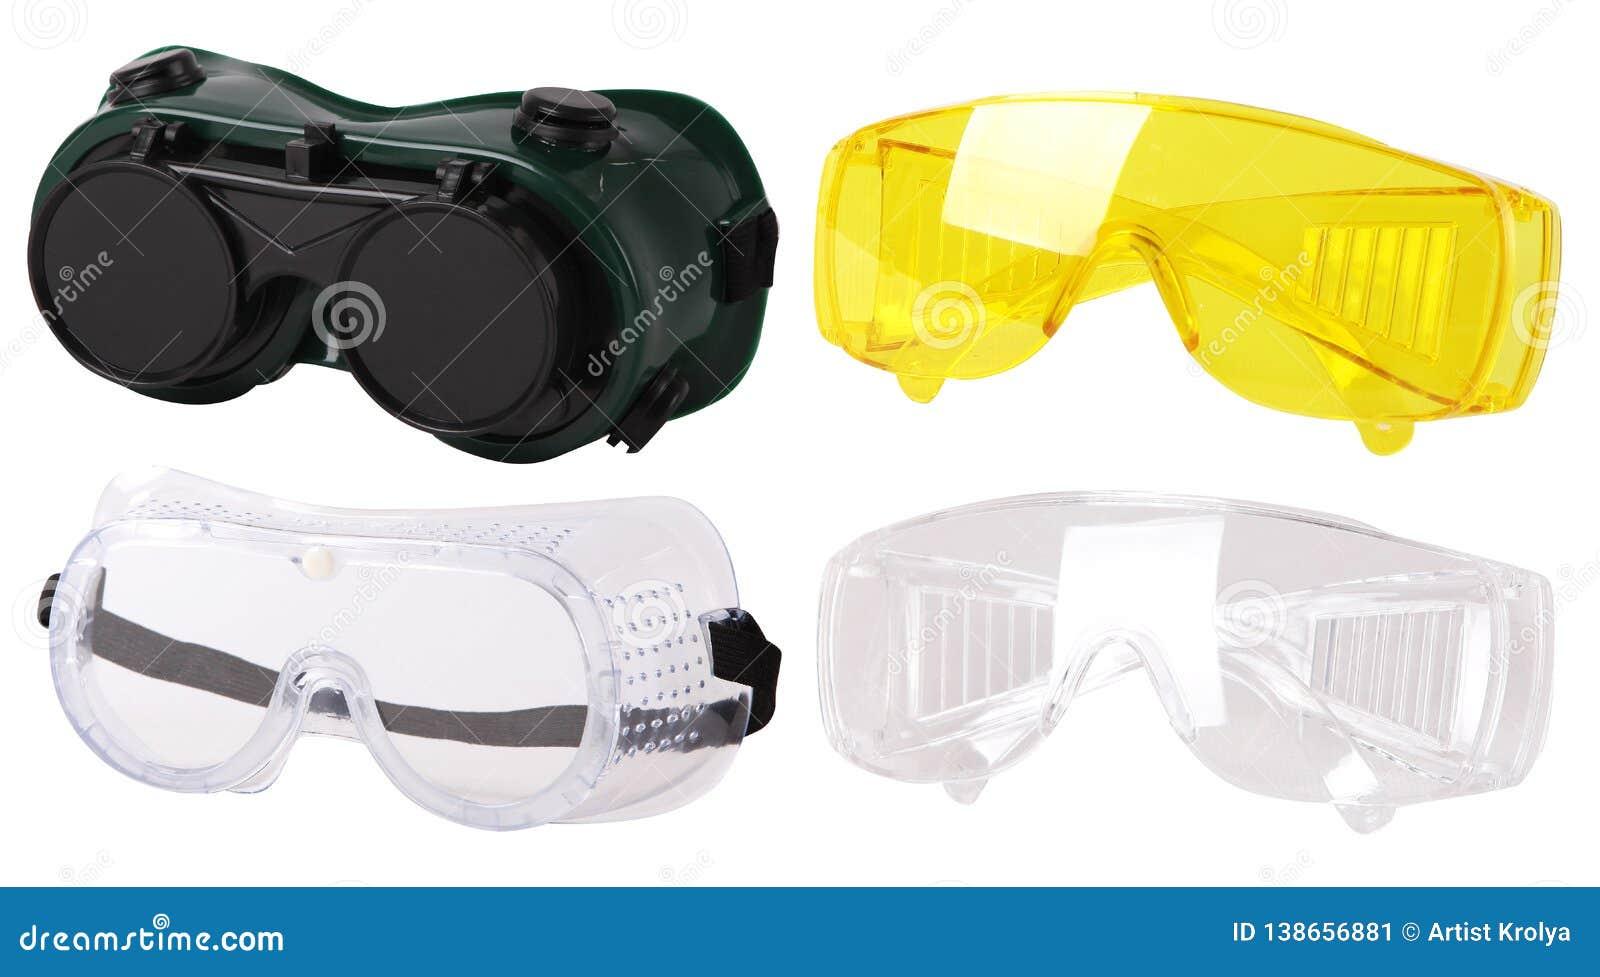 Συλλογή των προστατευτικών γυαλιών ασφάλειας θεαμάτων πλαστικά προστατευτικά γυαλιά εργασίας